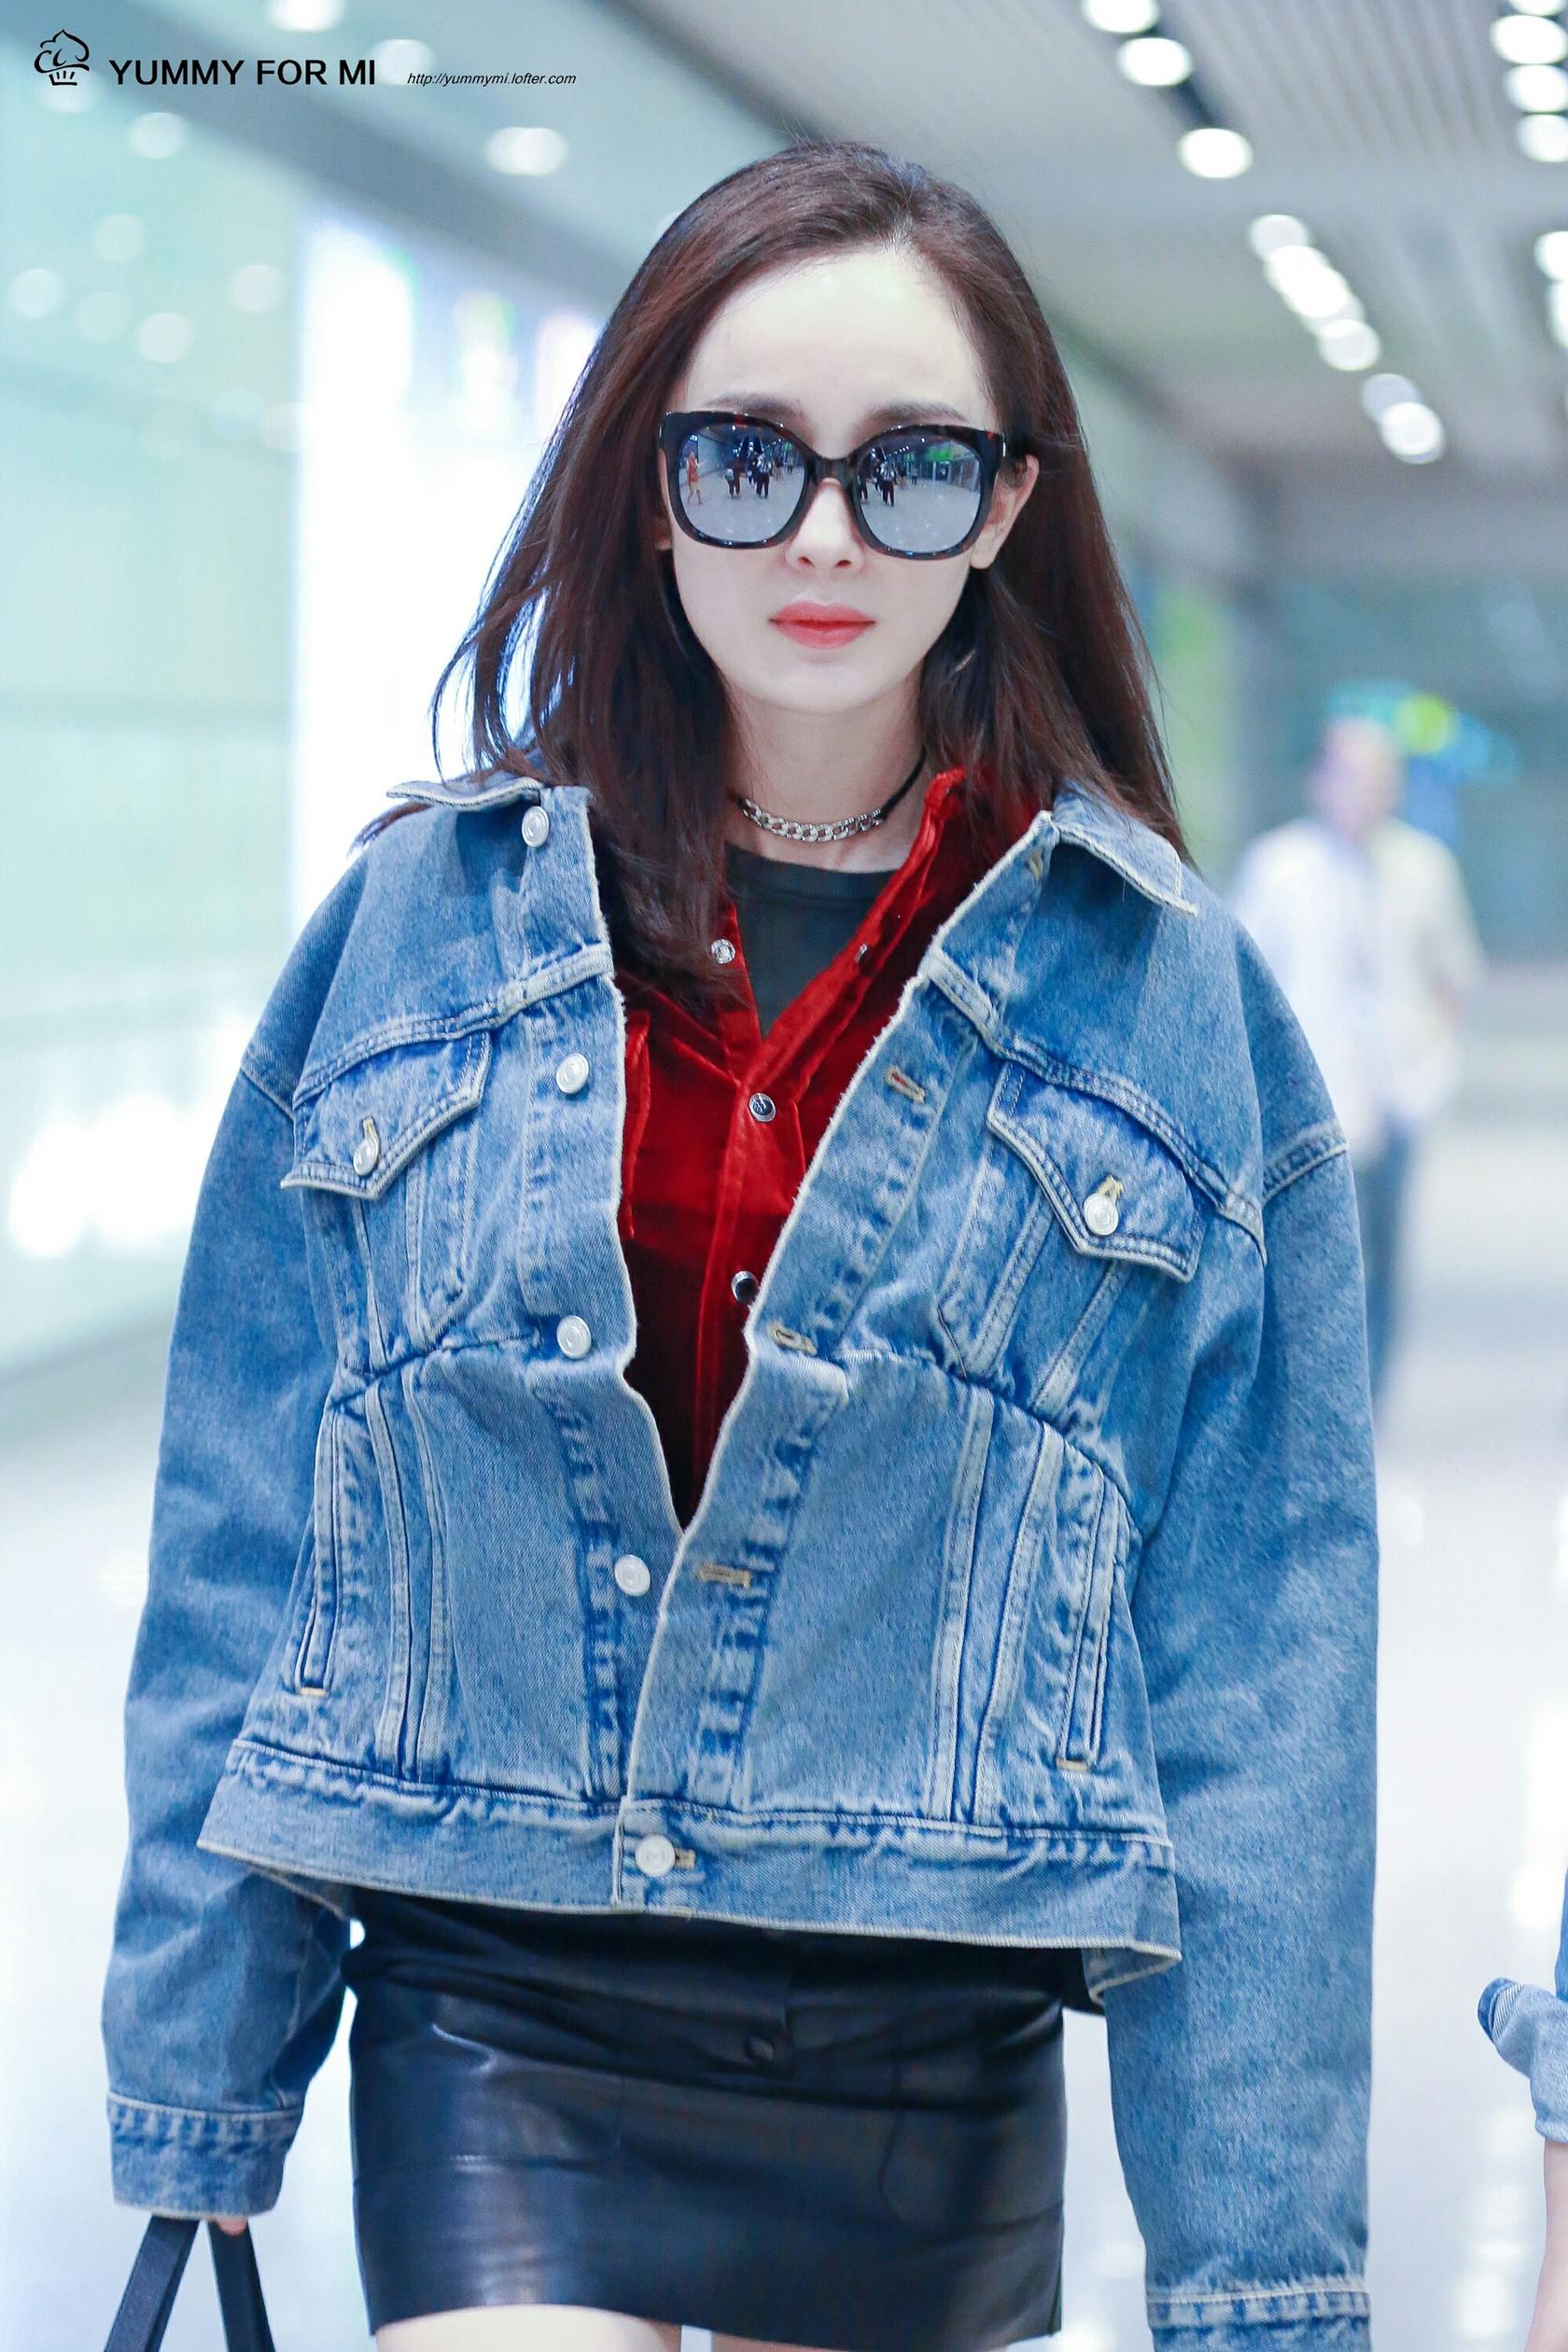 5 ngôi sao Hoa ngữ sở hữu phong cách thời trang sân bay đẹp nhất năm 2017 - Ảnh 1.